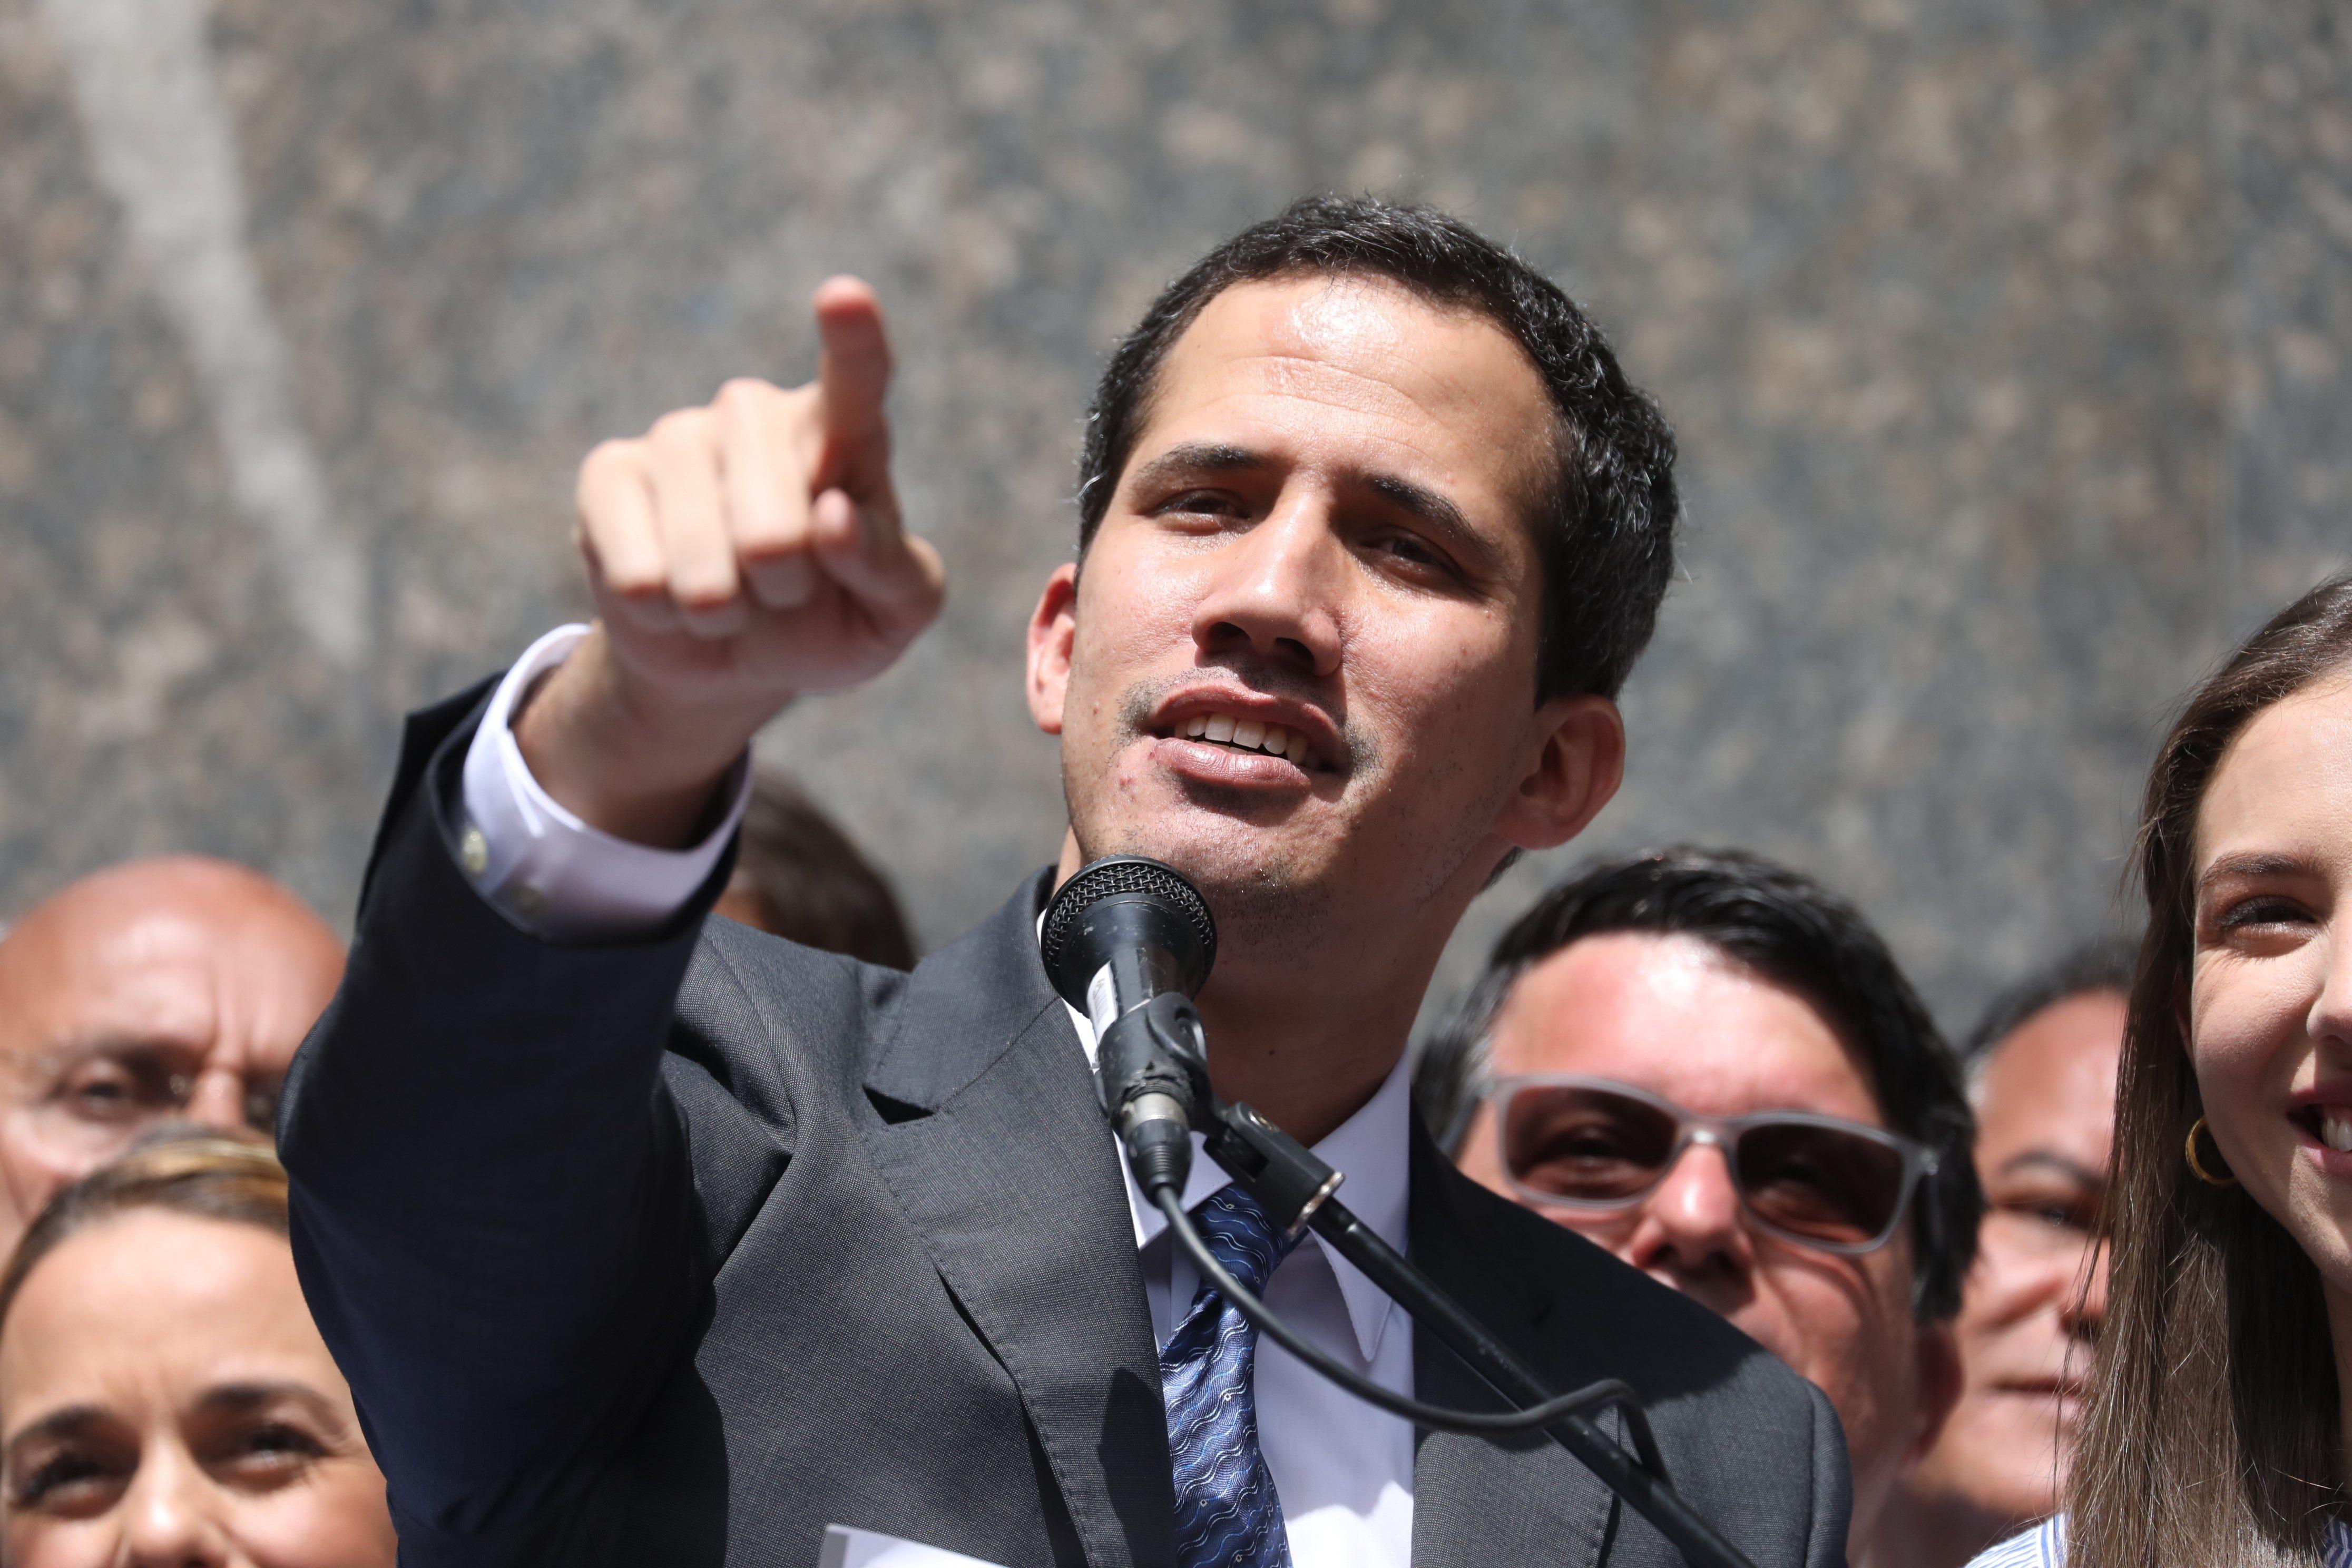 -FOTODELDÍA- CAR8742. CARACAS (VENEZUELA), 25/01/2019.- El líder del Parlamento y autoproclamado presidente encargado de Venezuela, Juan Guaidó (C), habla este viernes durante su primera aparición pública desde que se adjudicó las competencias del Ejecutivo ante miles de personas, en una plaza en el este de Caracas (Venezuela). Guaidó dijo este viernes que es hora de sacar de la Fuerza Armada Nacional Bolivariana (FANB) a los cubanos que, denunció, ocupan altos cargos en la institución. EFE/Miguel Gutiérrez